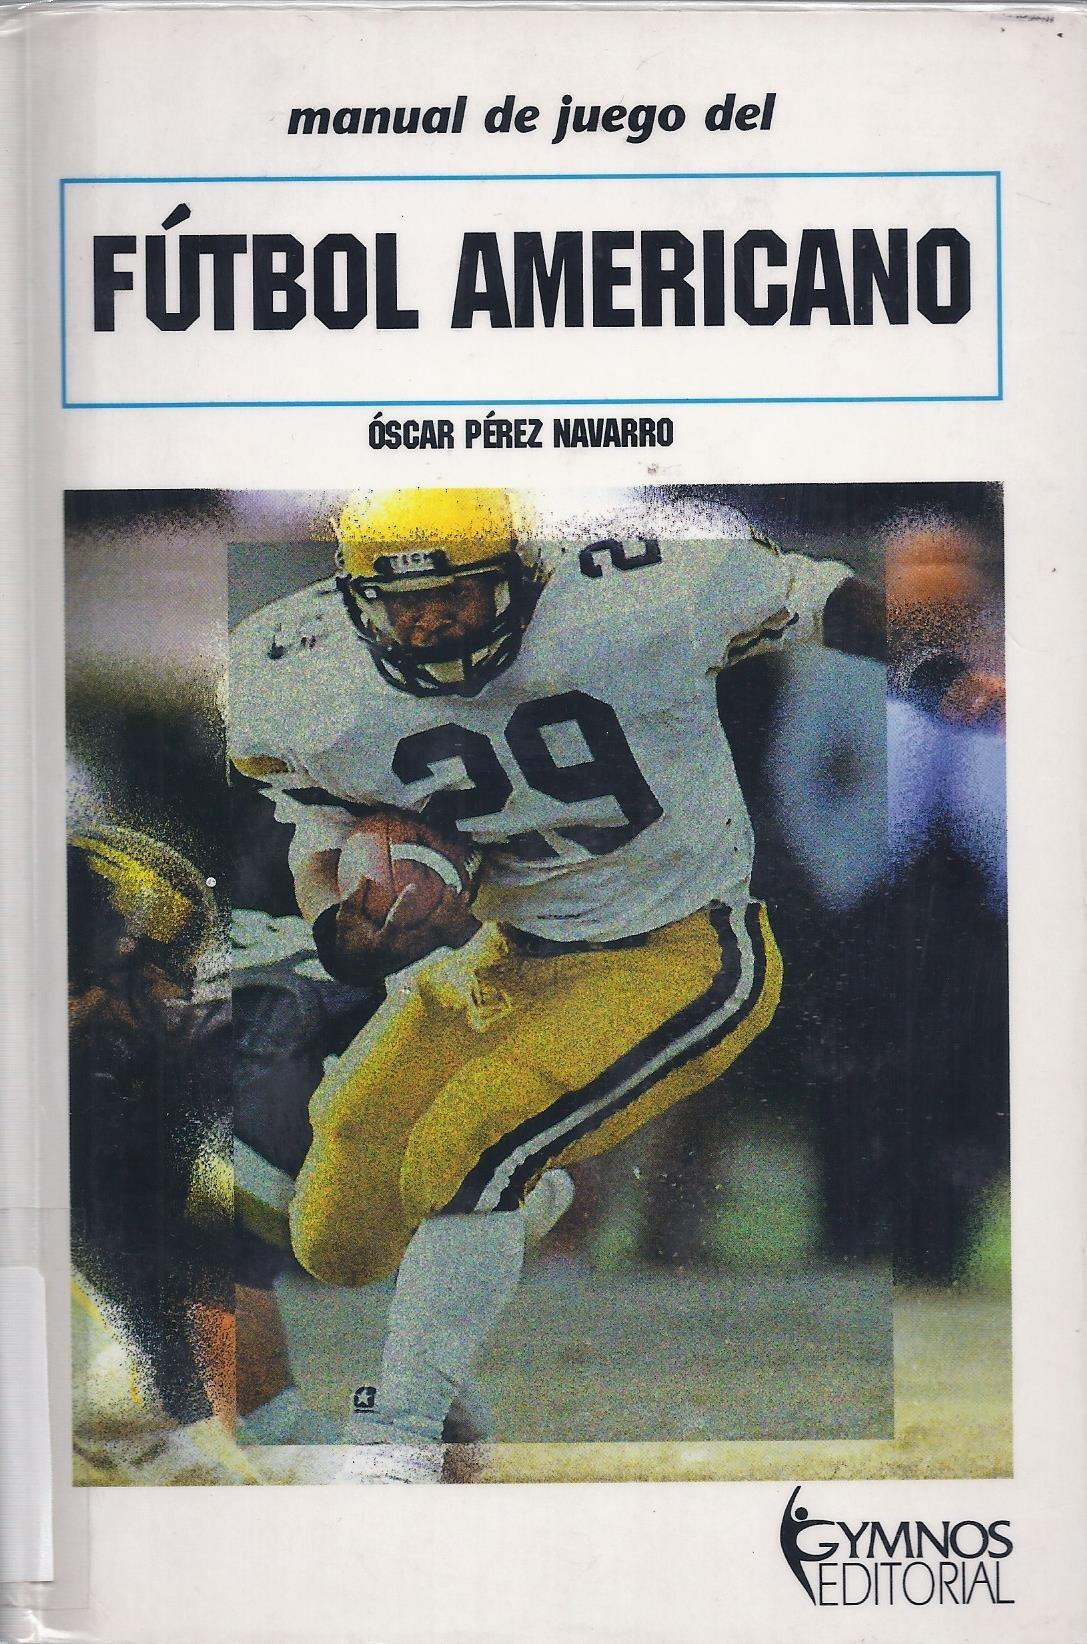 Manual del juego de futbol americano: Amazon.es: Oscar Perez Navarro: Libros